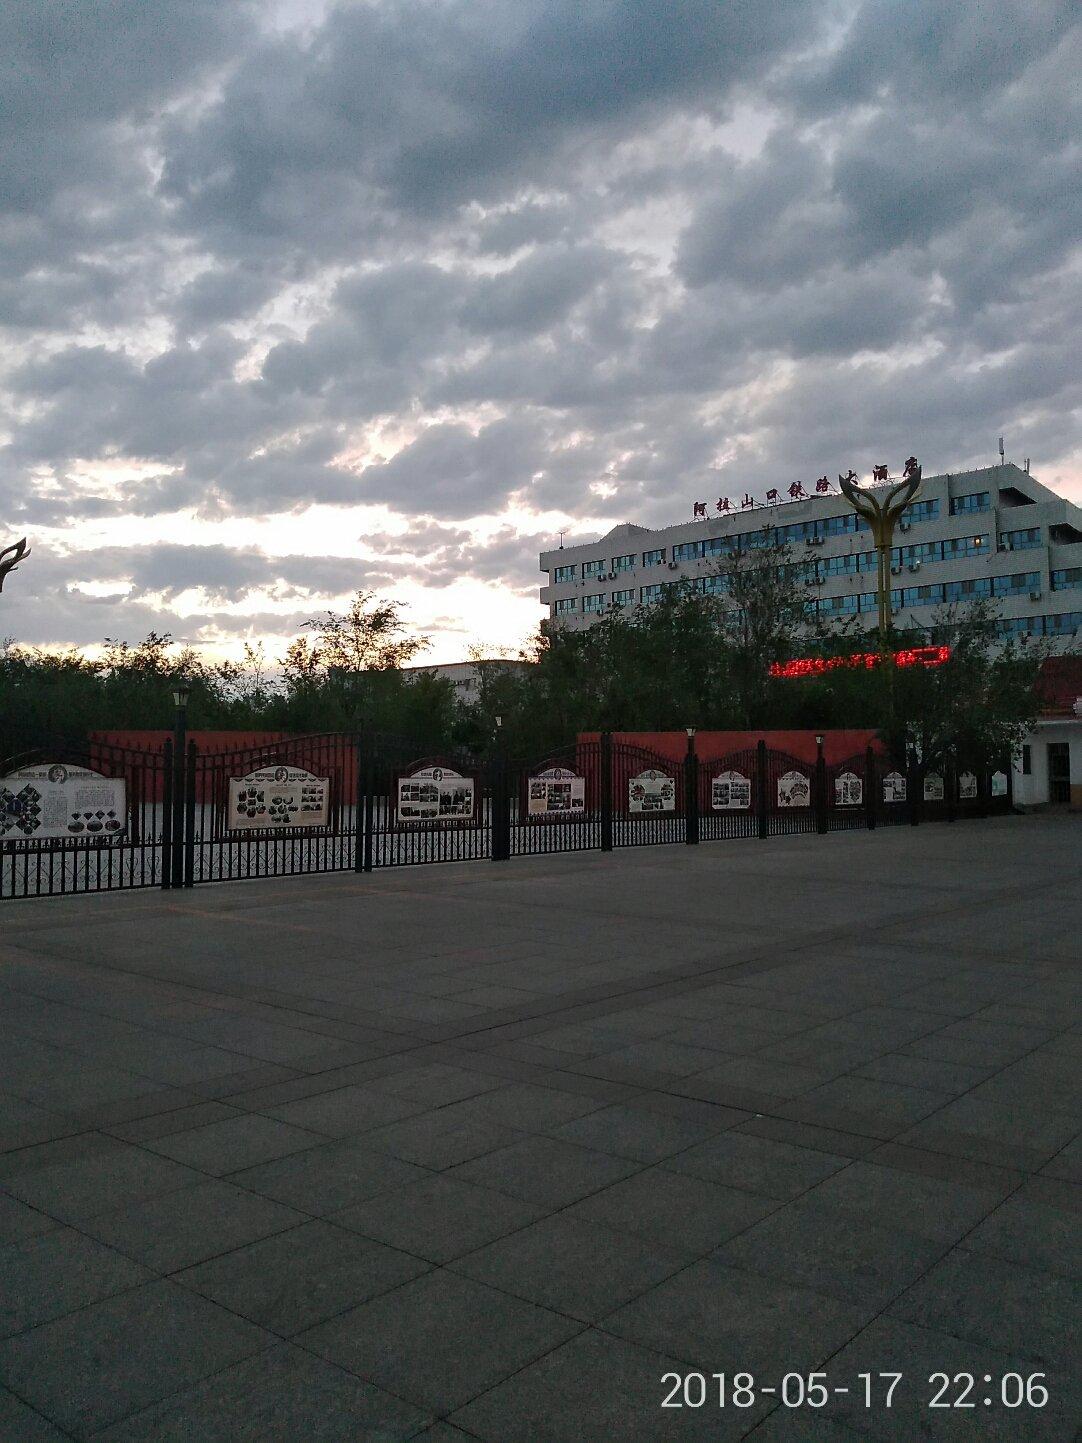 新疆维吾尔自治区博尔塔拉蒙古自治州阿拉山口市阿拉套街道准葛尔路140d号天气预报